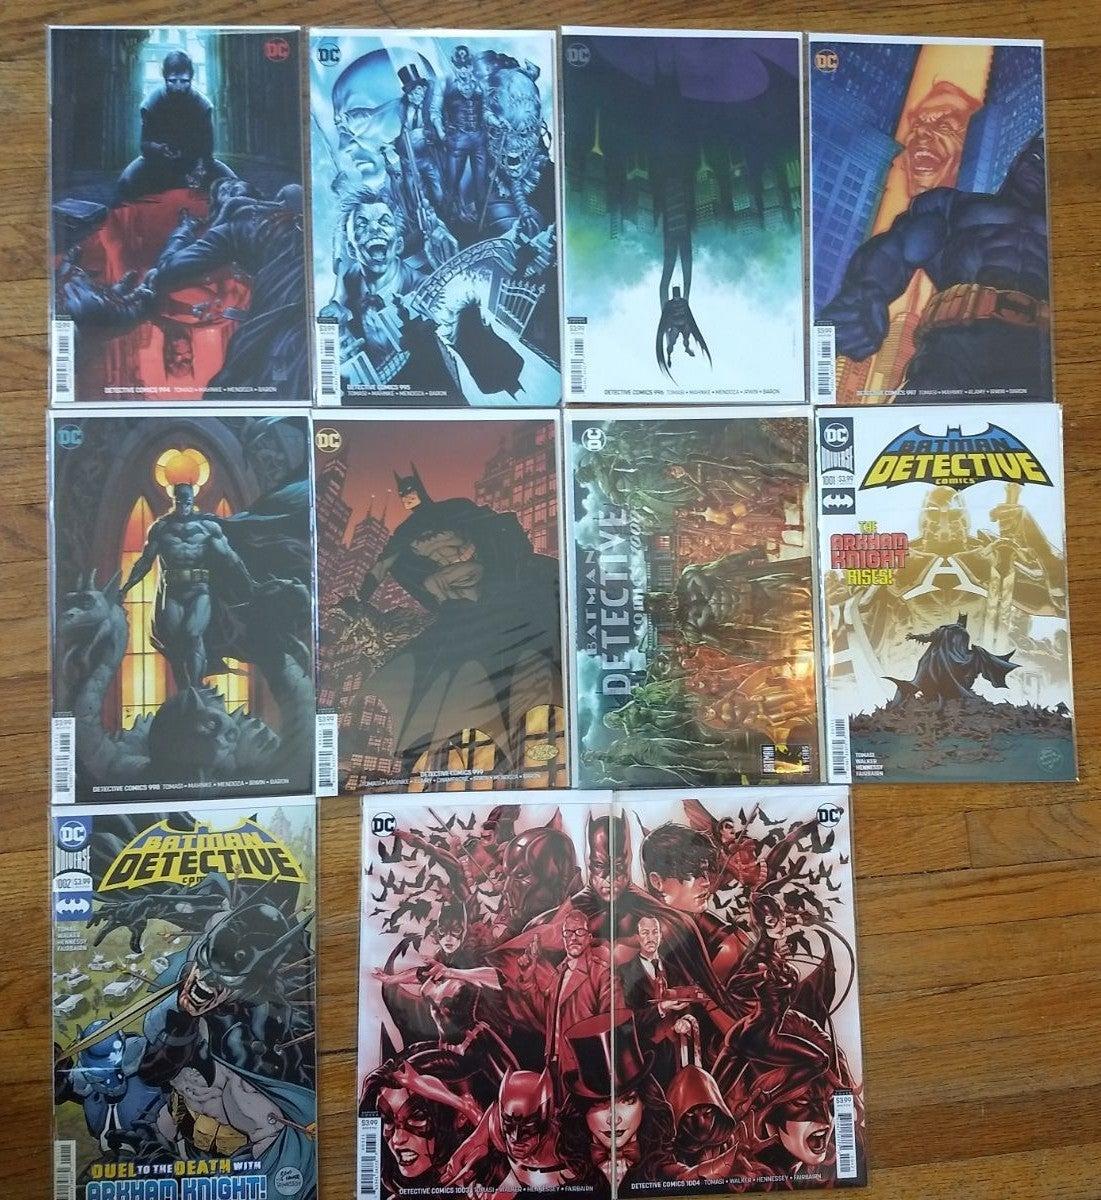 DETECTIVE COMICS LOT of 11 comic books,